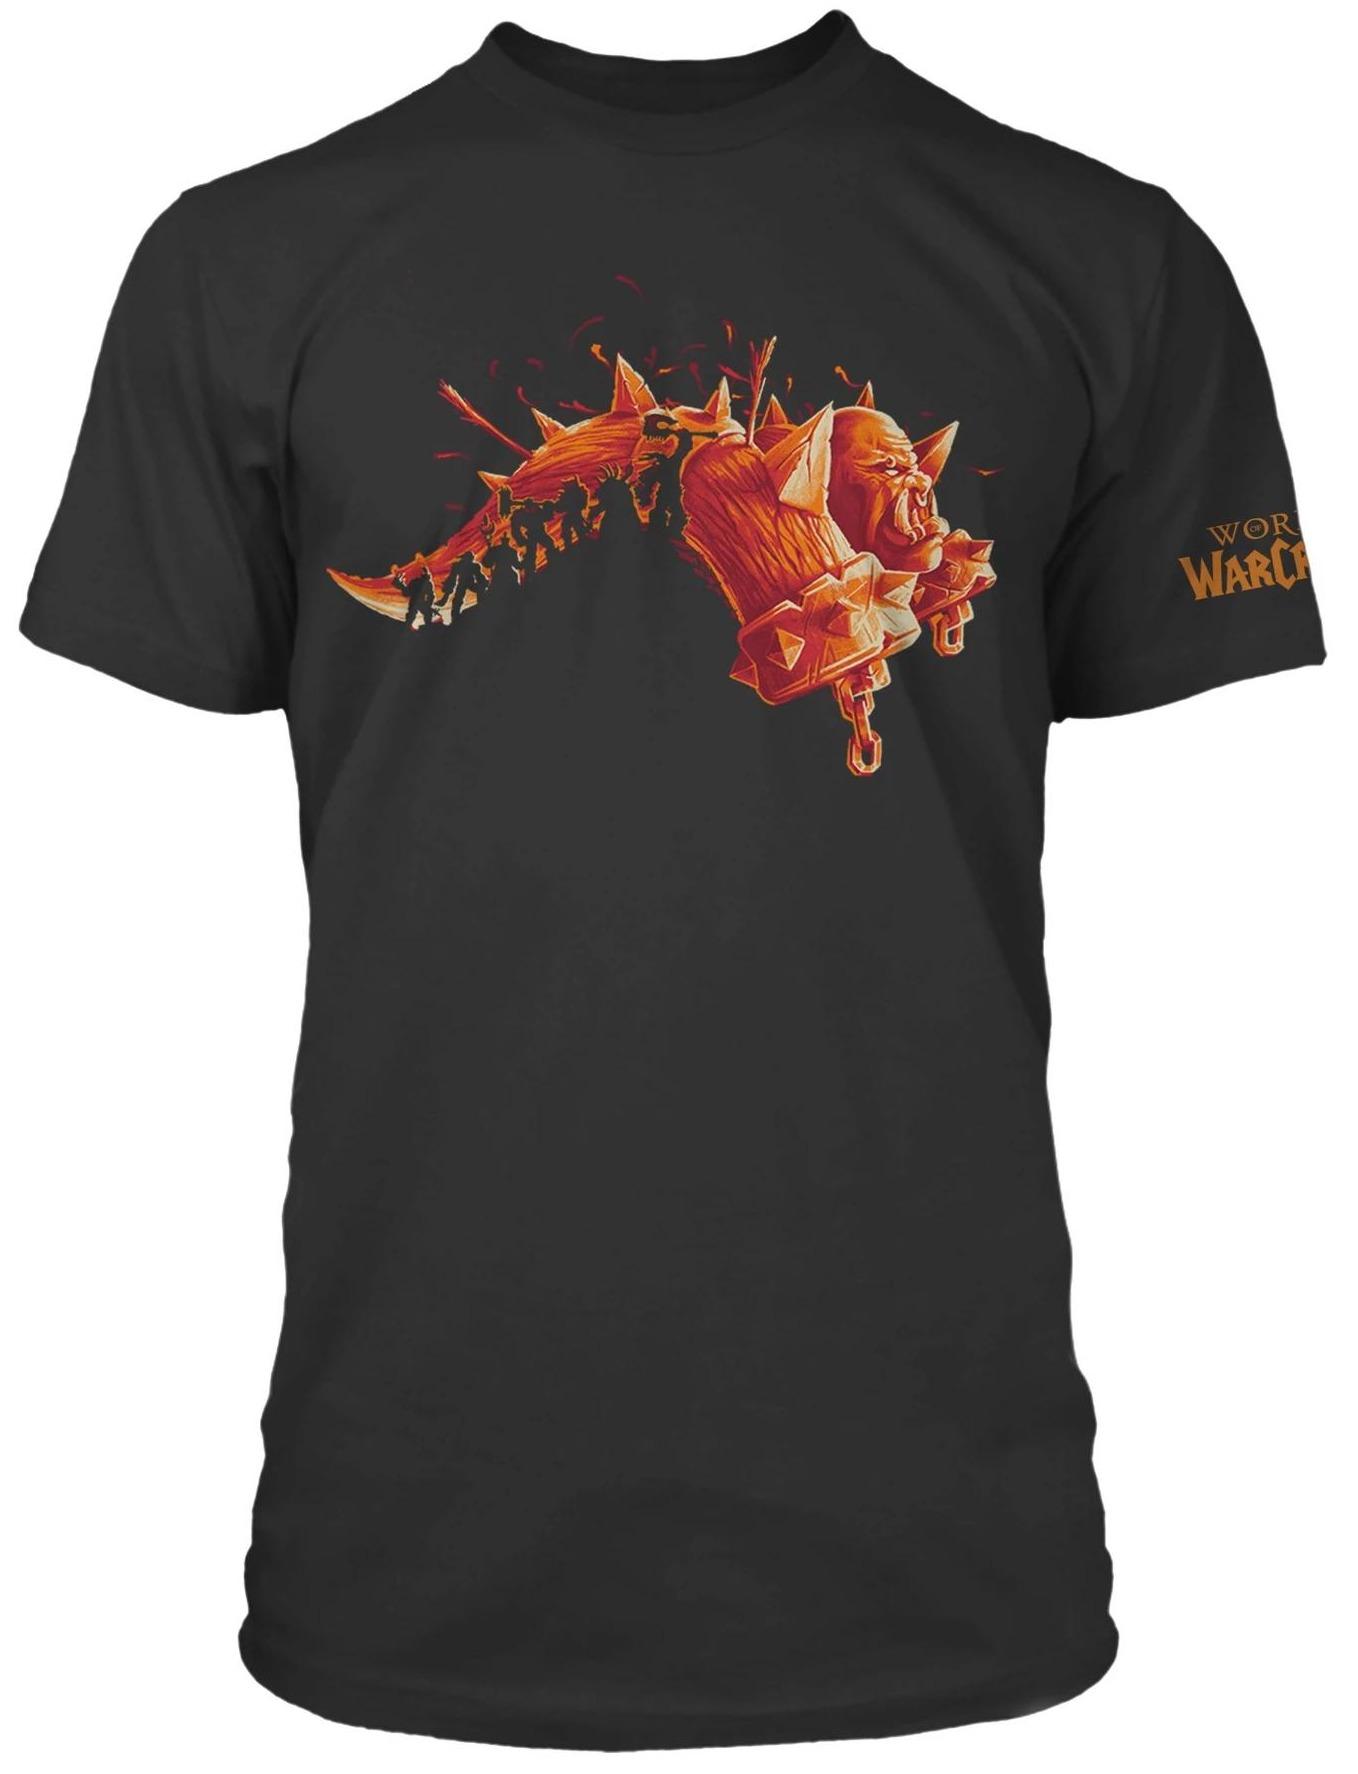 Tričko World of Warcraft - Expansion Series Warlords of Draenor (americká vel. XL / evropská XXL)